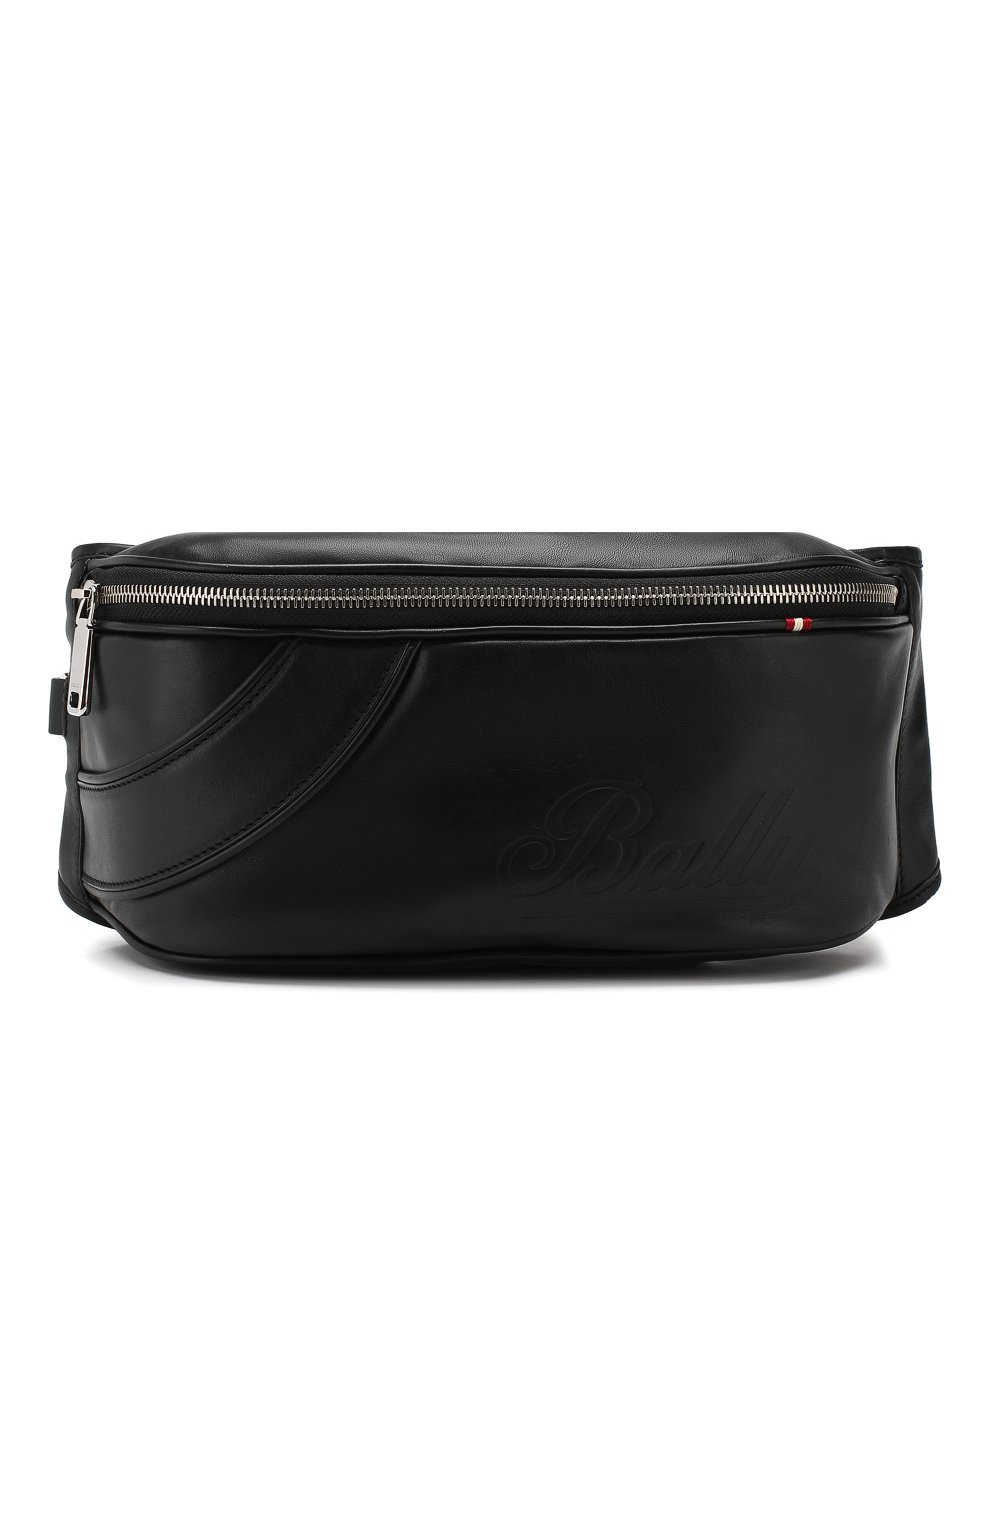 abd2db466cfc Мужская черная кожаная поясная сумка BALLY — купить за 42300 руб. в ...